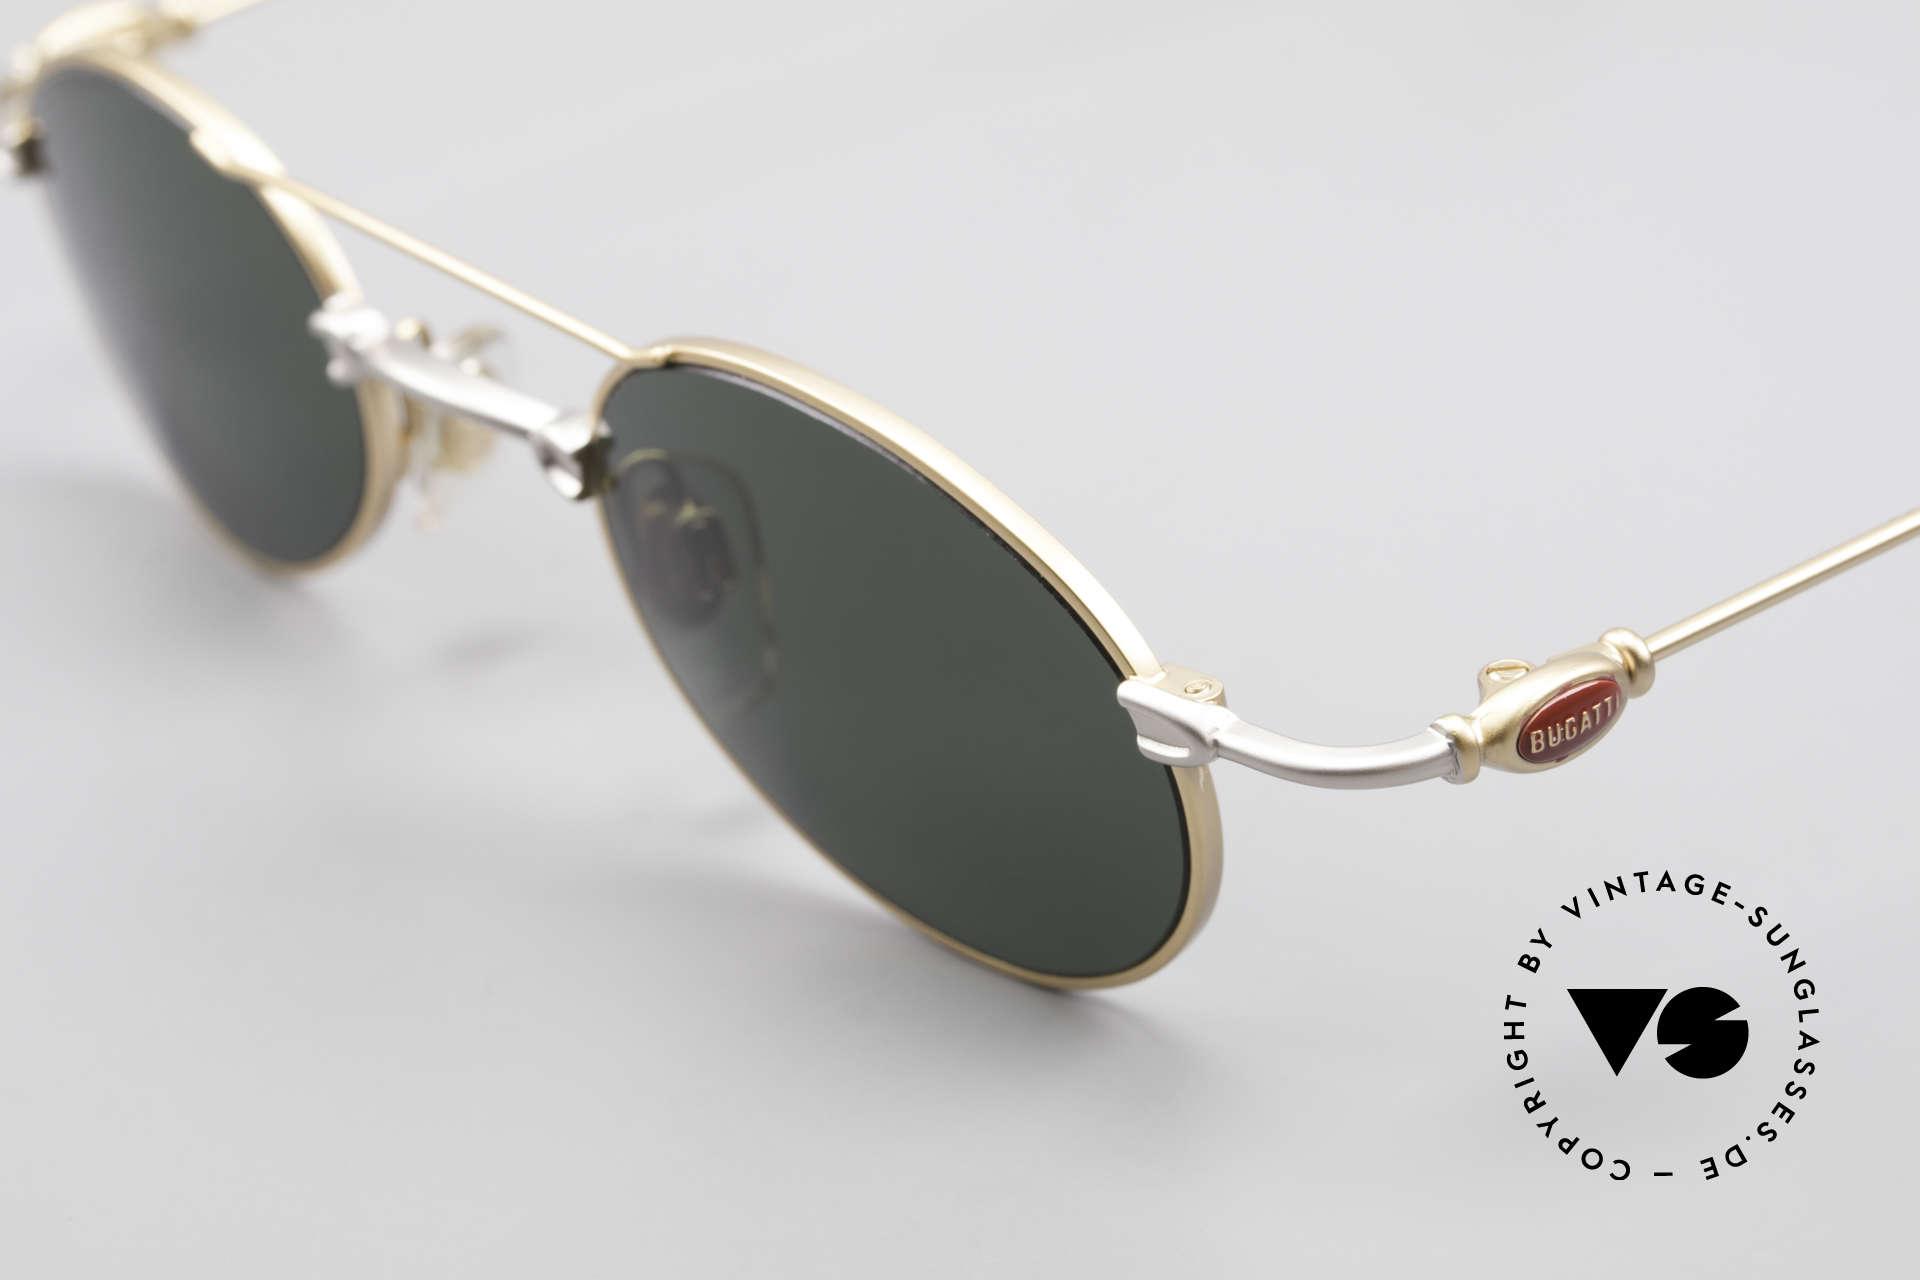 Bugatti 10868 Luxury Vintage Sunglasses Men, unworn rarity of the late 90's (incl. Bugatti hard case), Made for Men